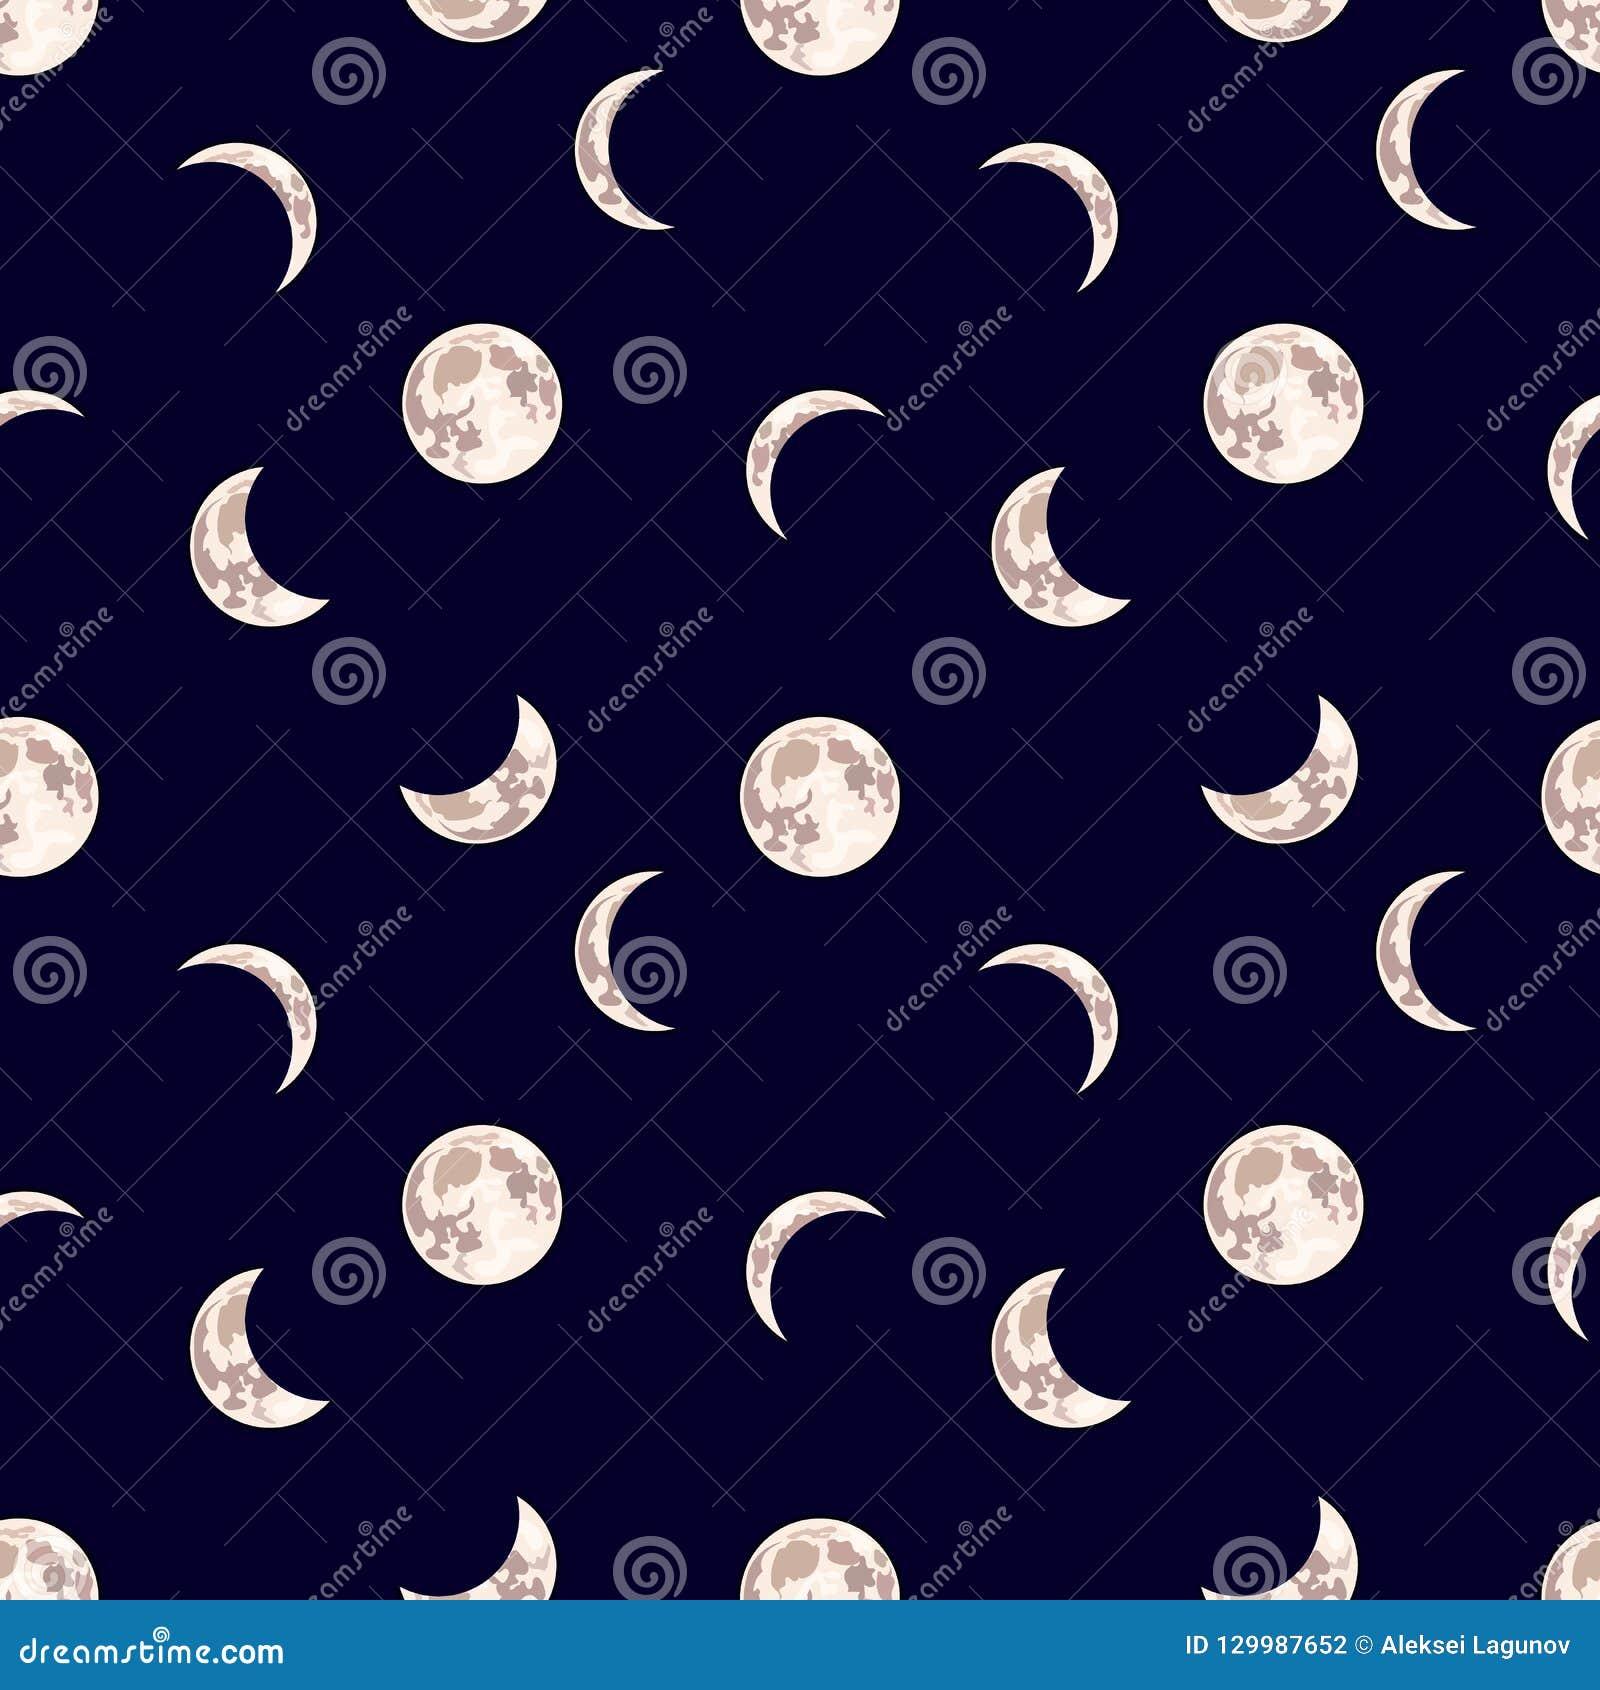 Διανυσματικό άνευ ραφής σχέδιο: Φεγγάρι, σκοτεινό υπόβαθρο νυχτερινού ουρανού με τη διαφορετική φάση φεγγαριού